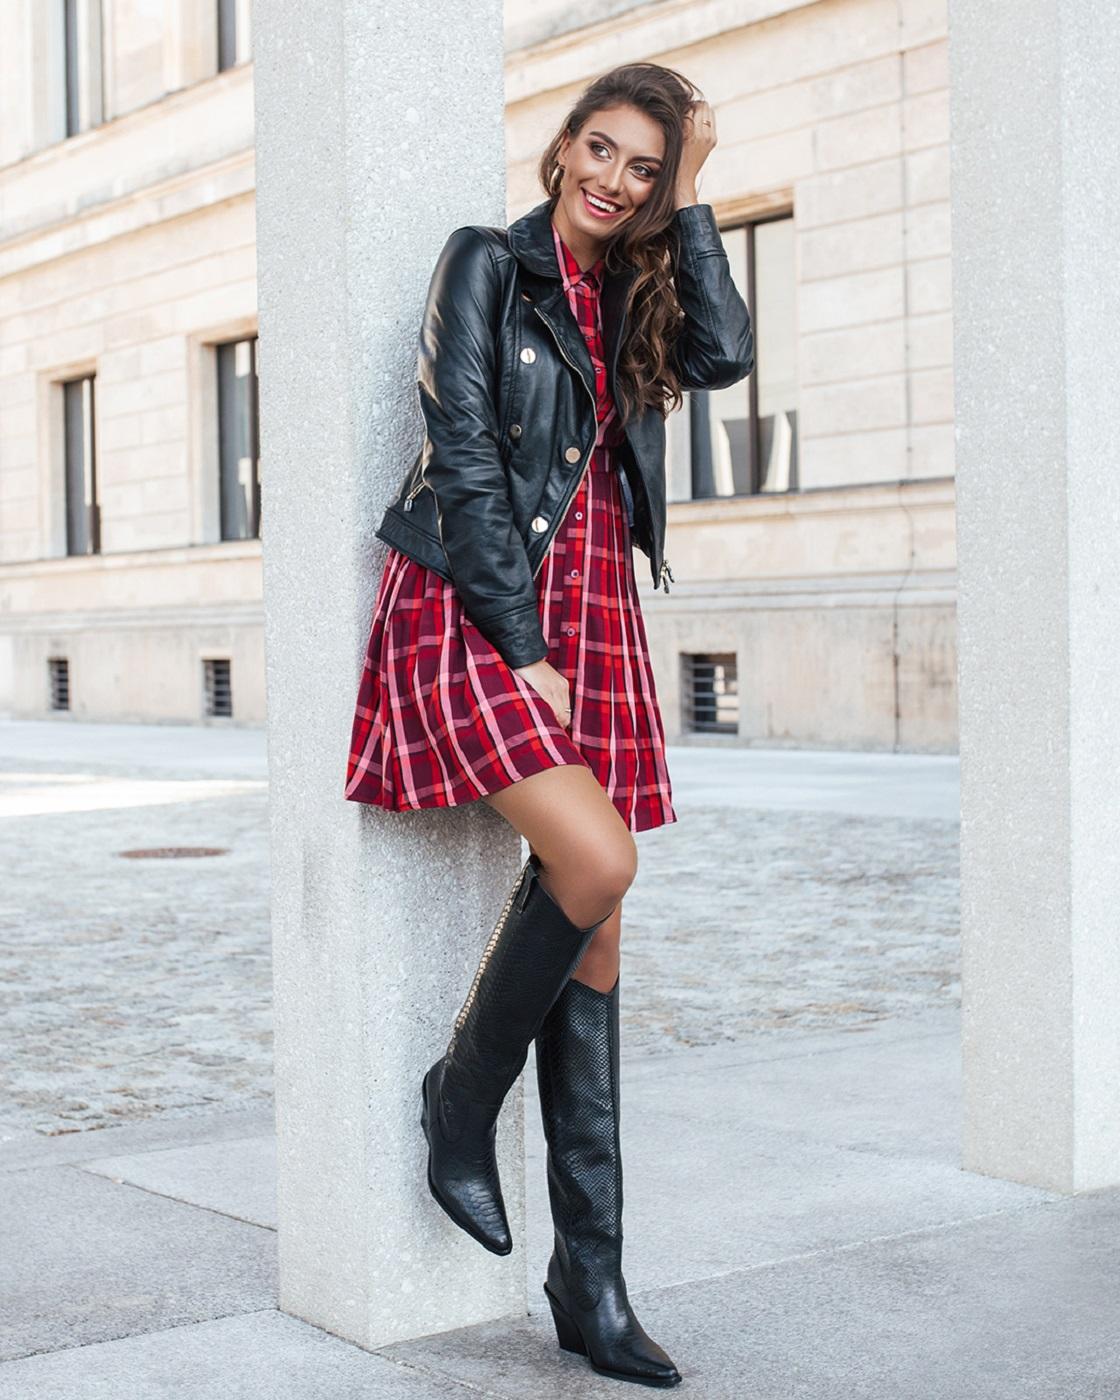 Modelka w stylizacji z kraciastą sukienką i kowbojkami-kozakami.